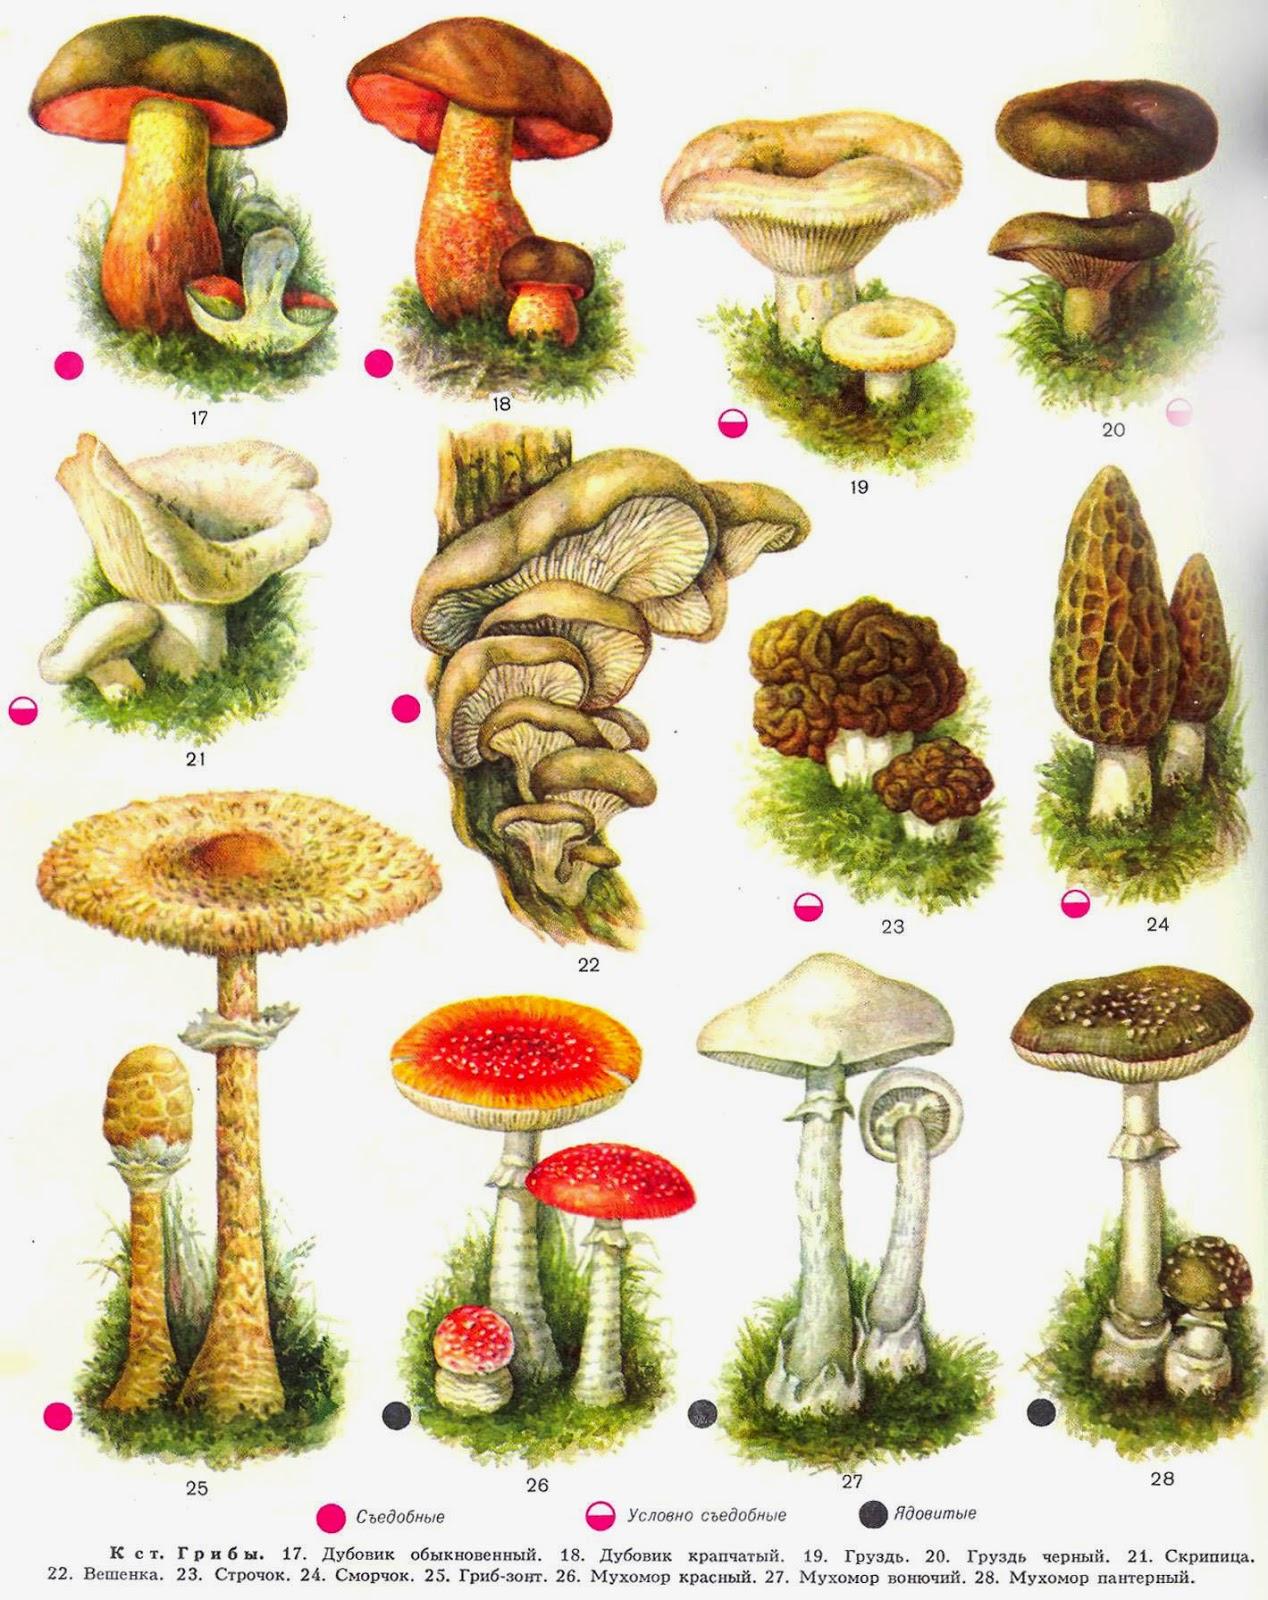 Все грибы с фото и описаниями видов и удобной сортировкой по русским и латинским названиям. Растущие на территории россии и стран снг.